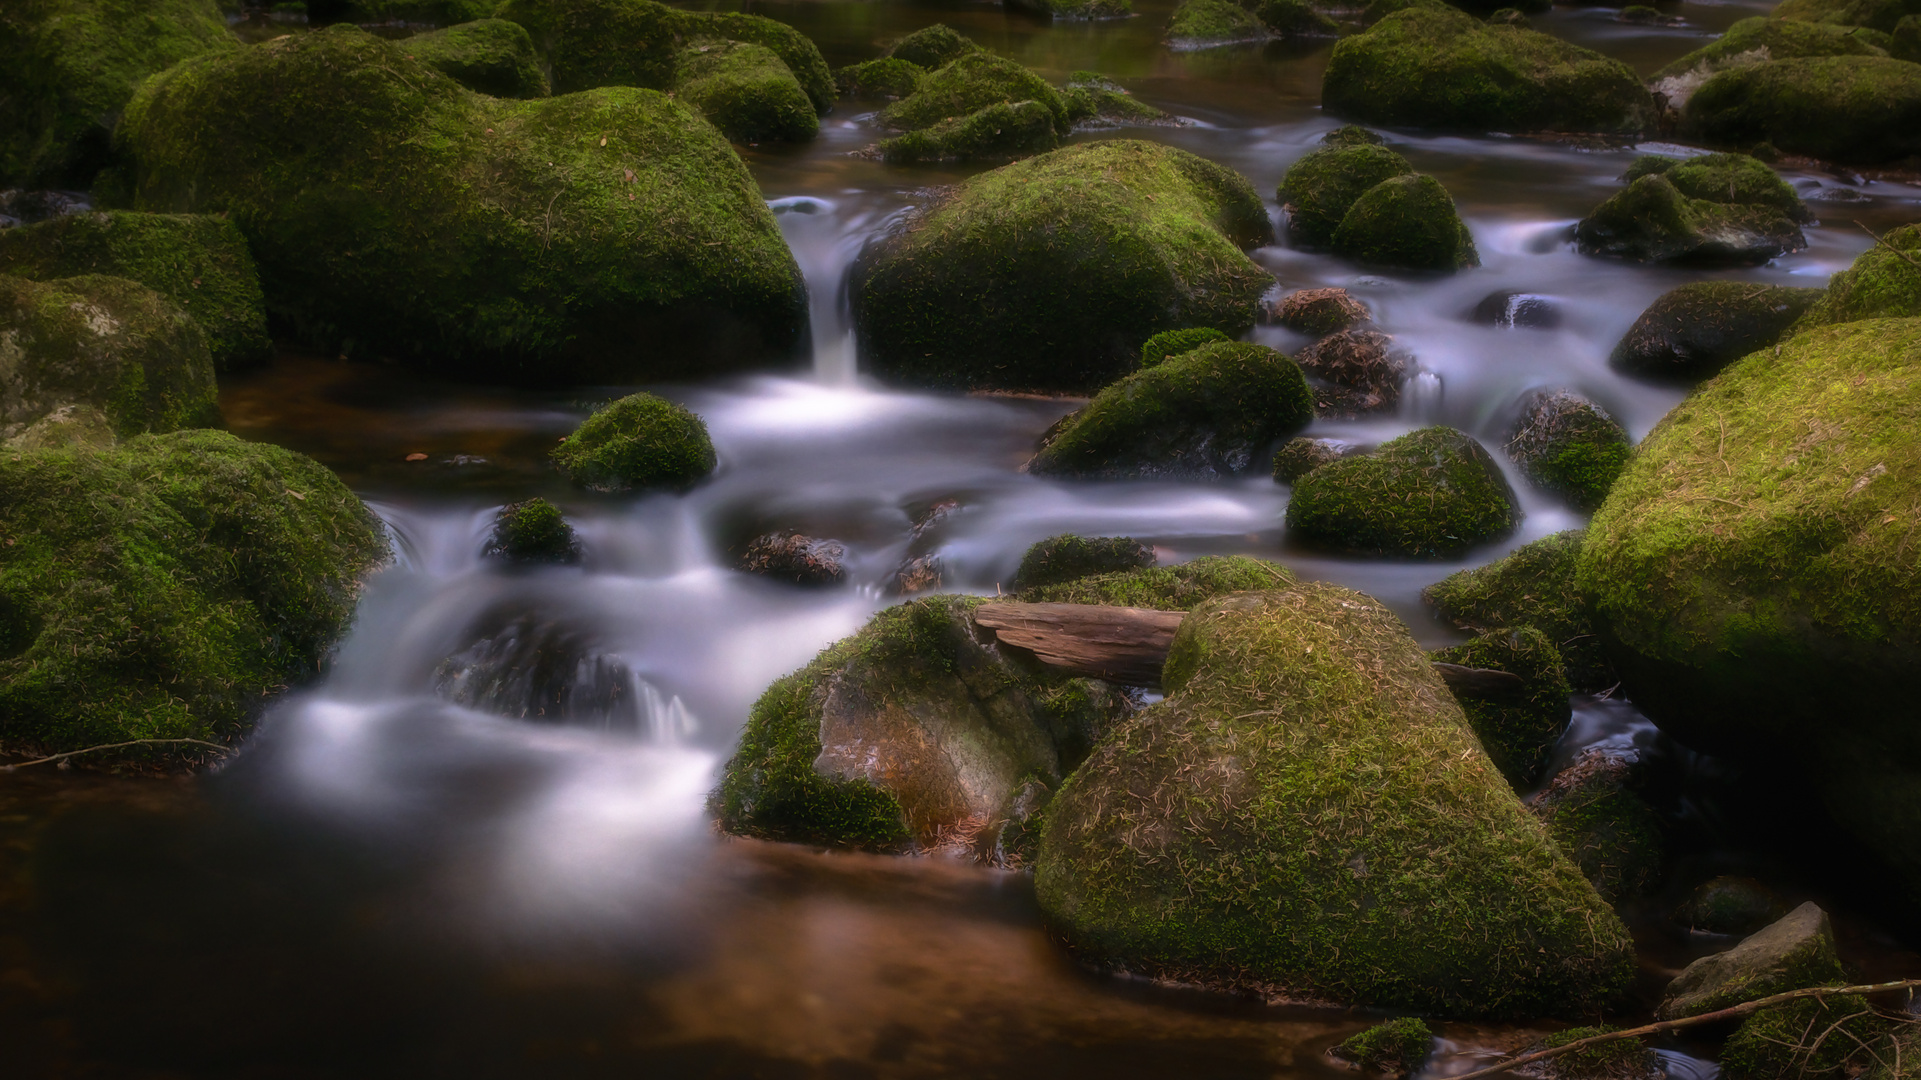 - Herz im Fluss -